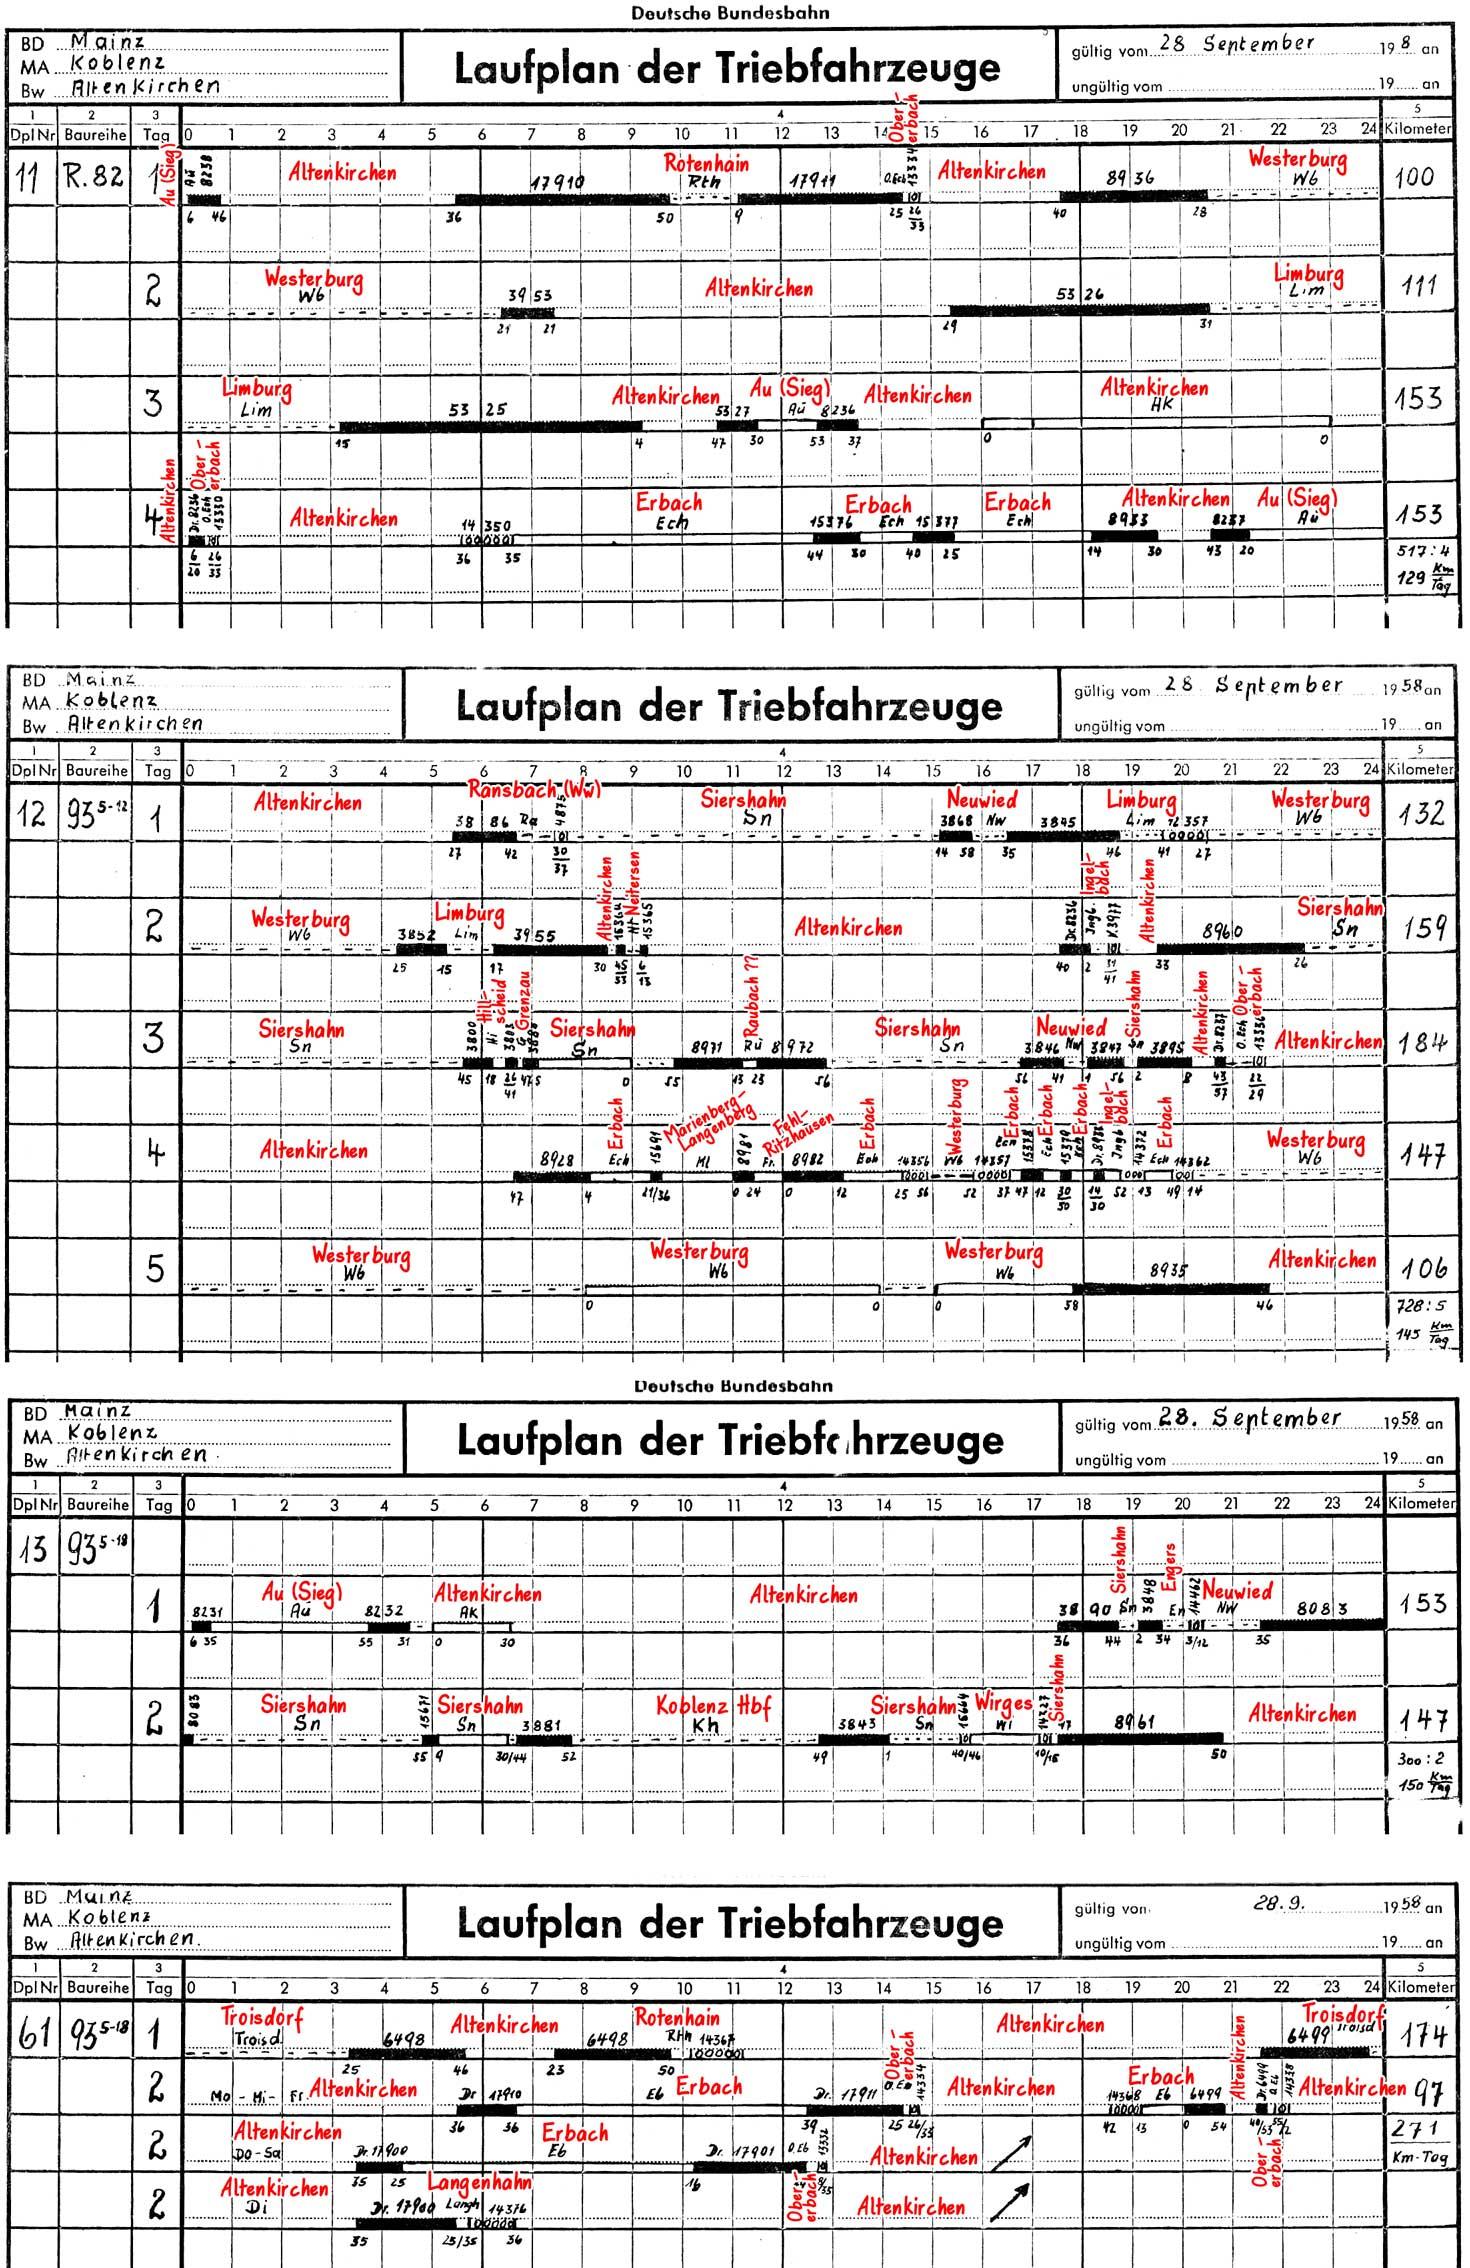 BR93-5-Lp61-Altenkirchen-wi58-59